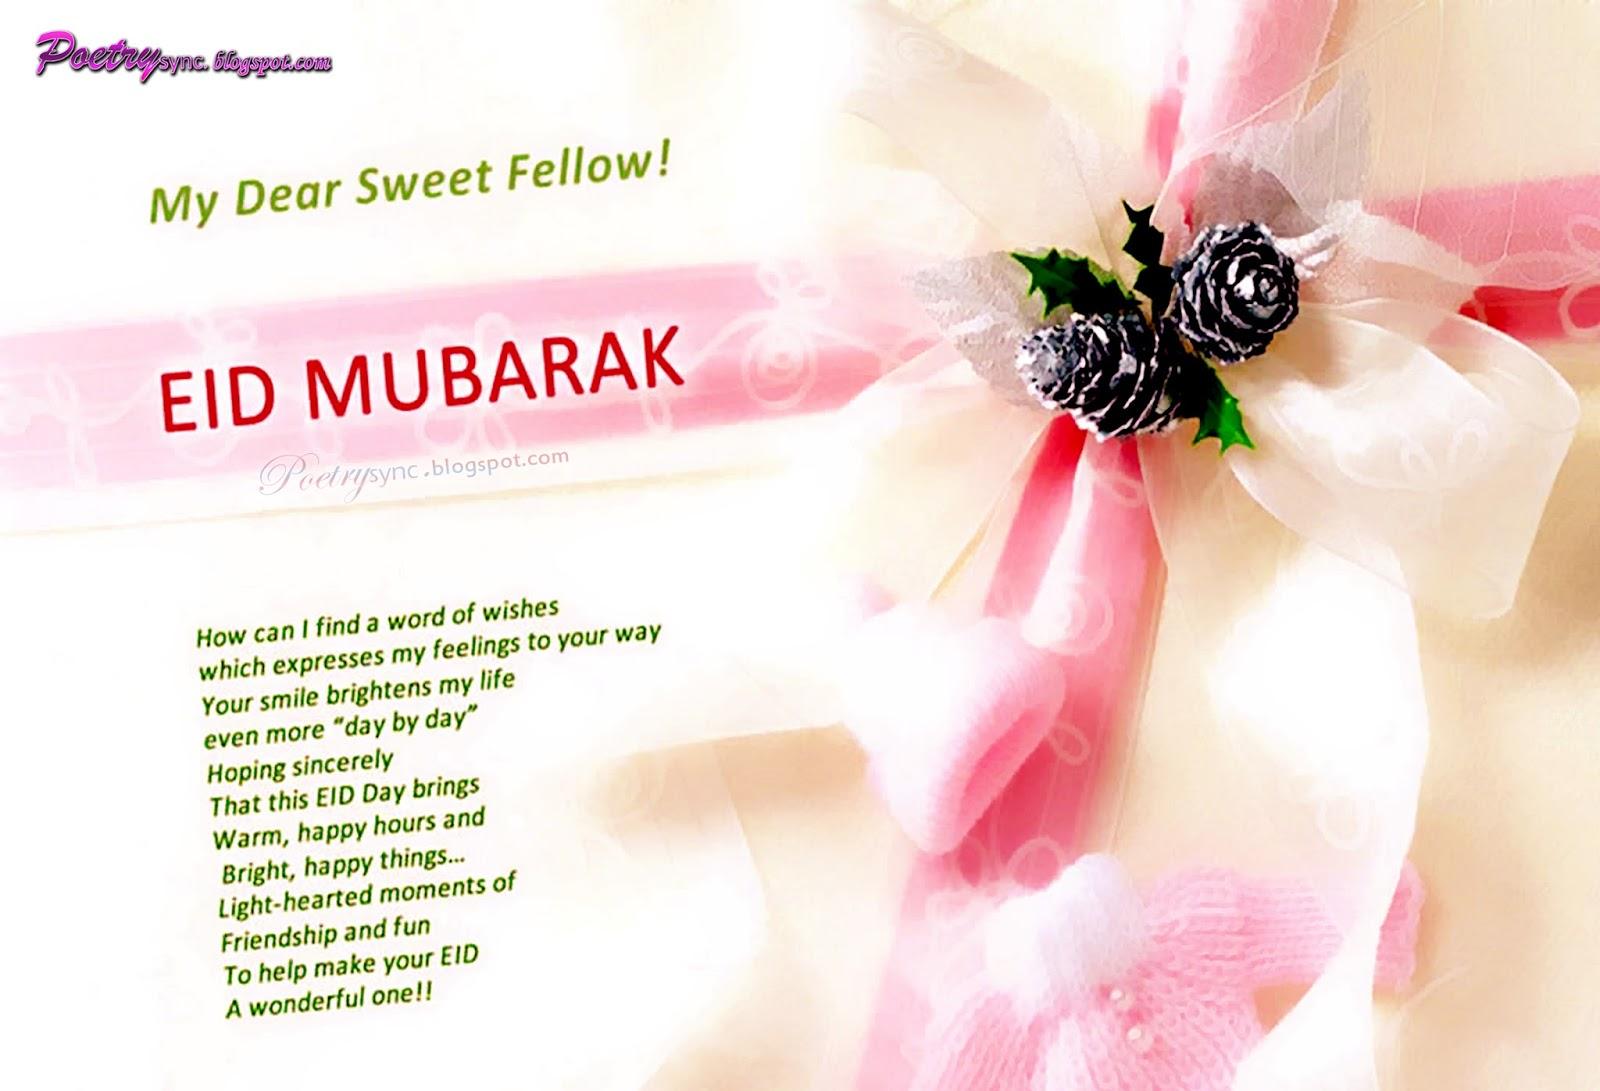 Eid wishes june 2016 eid mubarak wishes for lover m4hsunfo